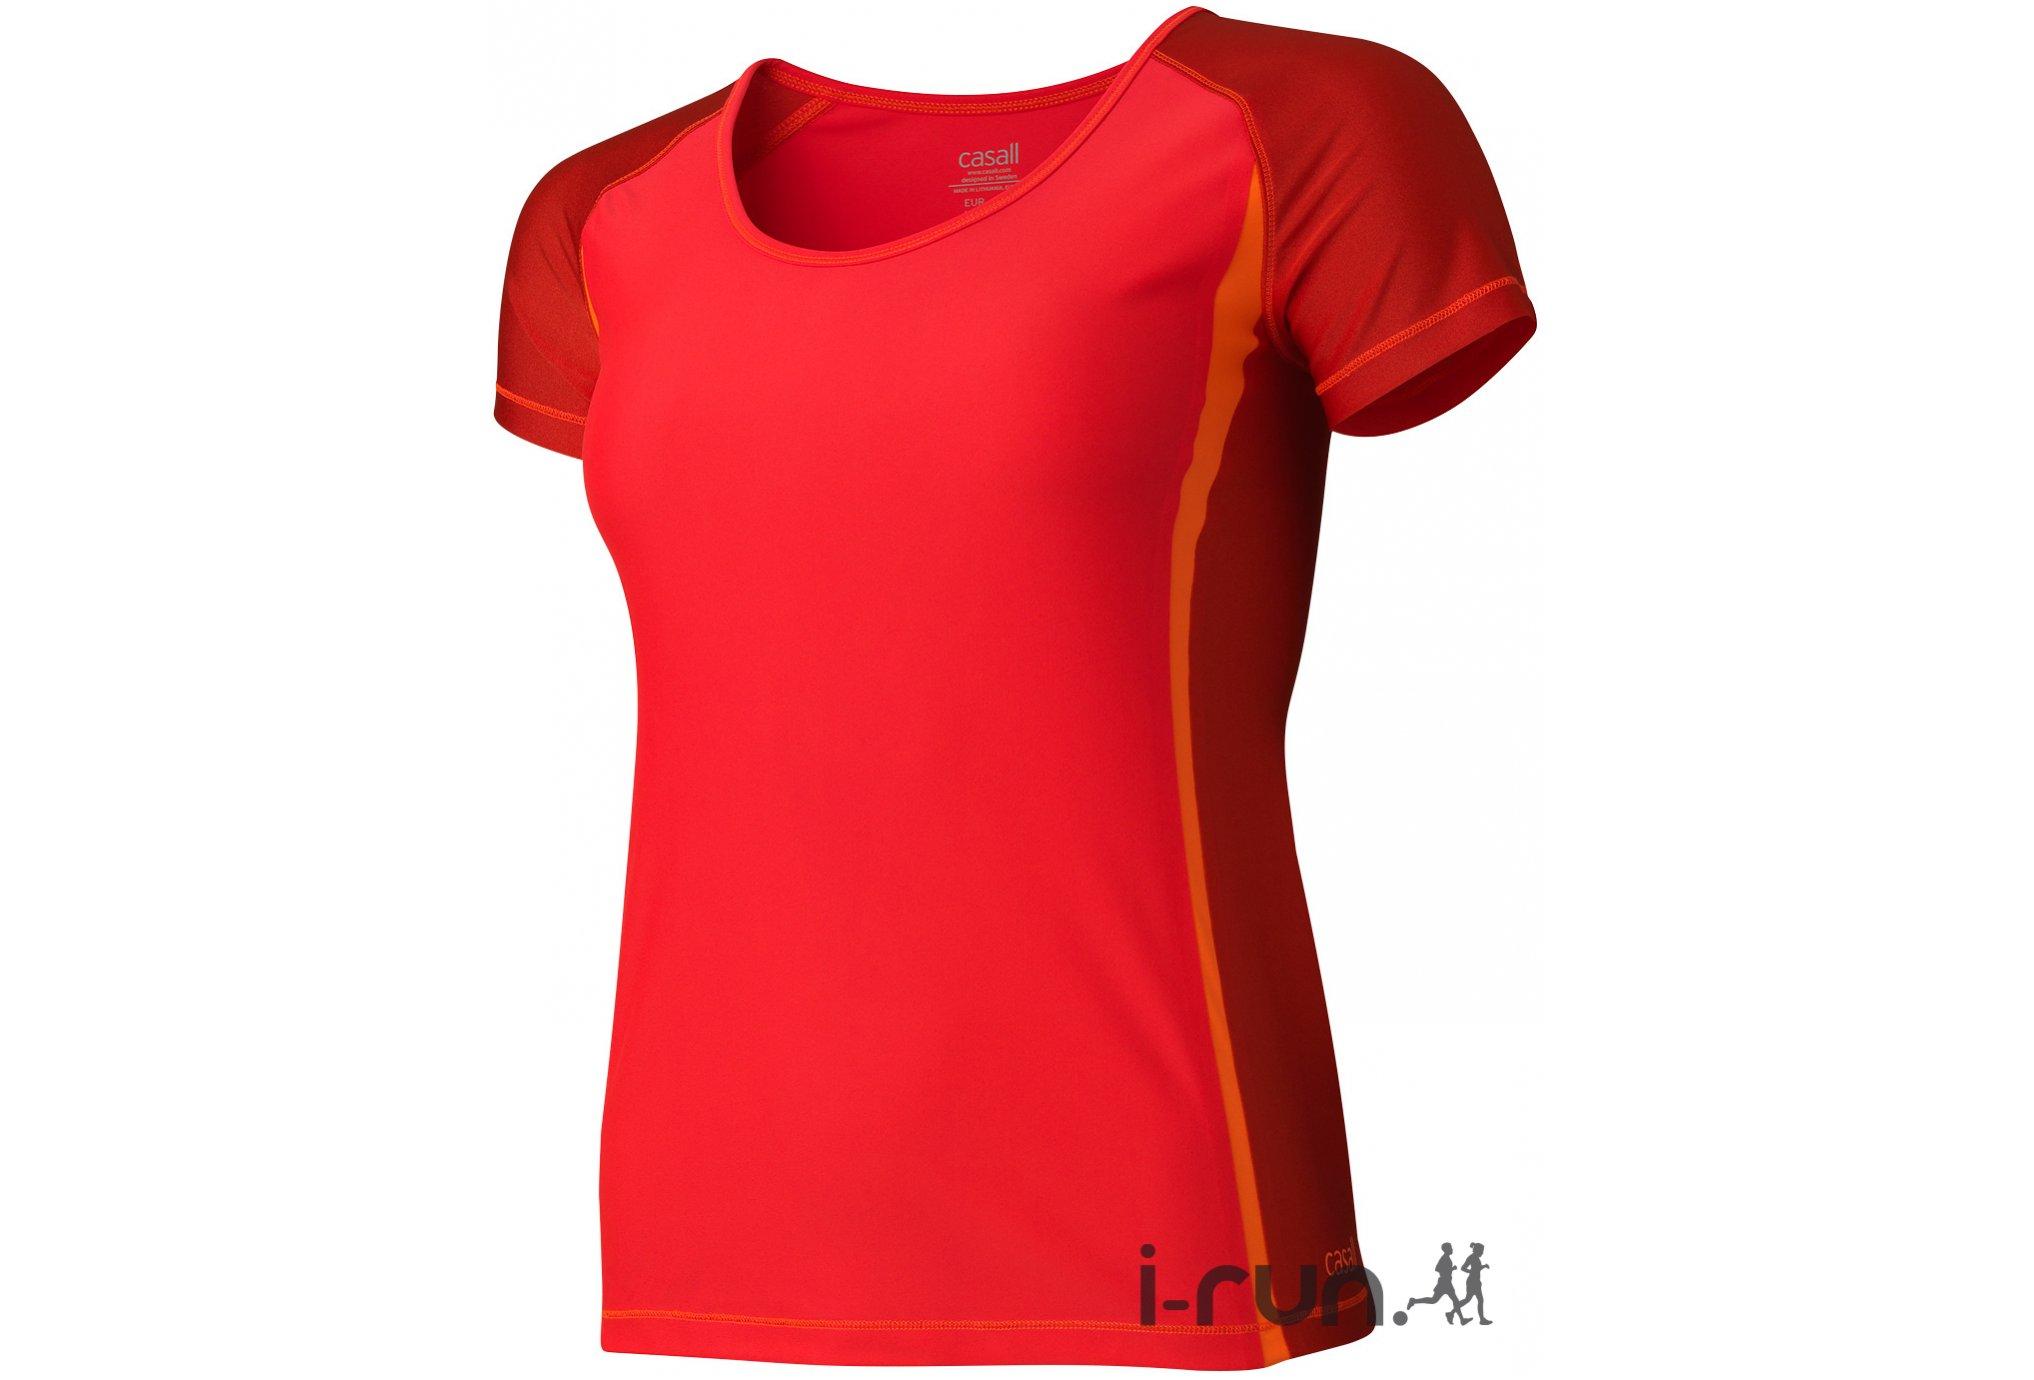 Casall Tee-shirt Pulse W Diététique Vêtements femme